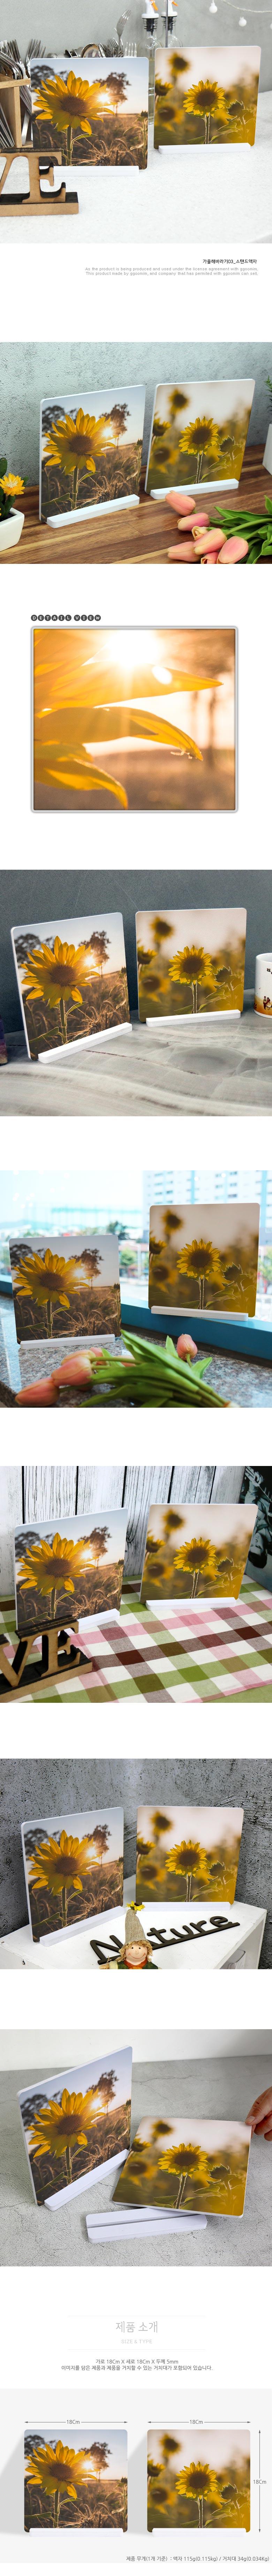 스탠드액자2P_가을해바라기03 - 꾸밈, 16,000원, 홈갤러리, 사진아트